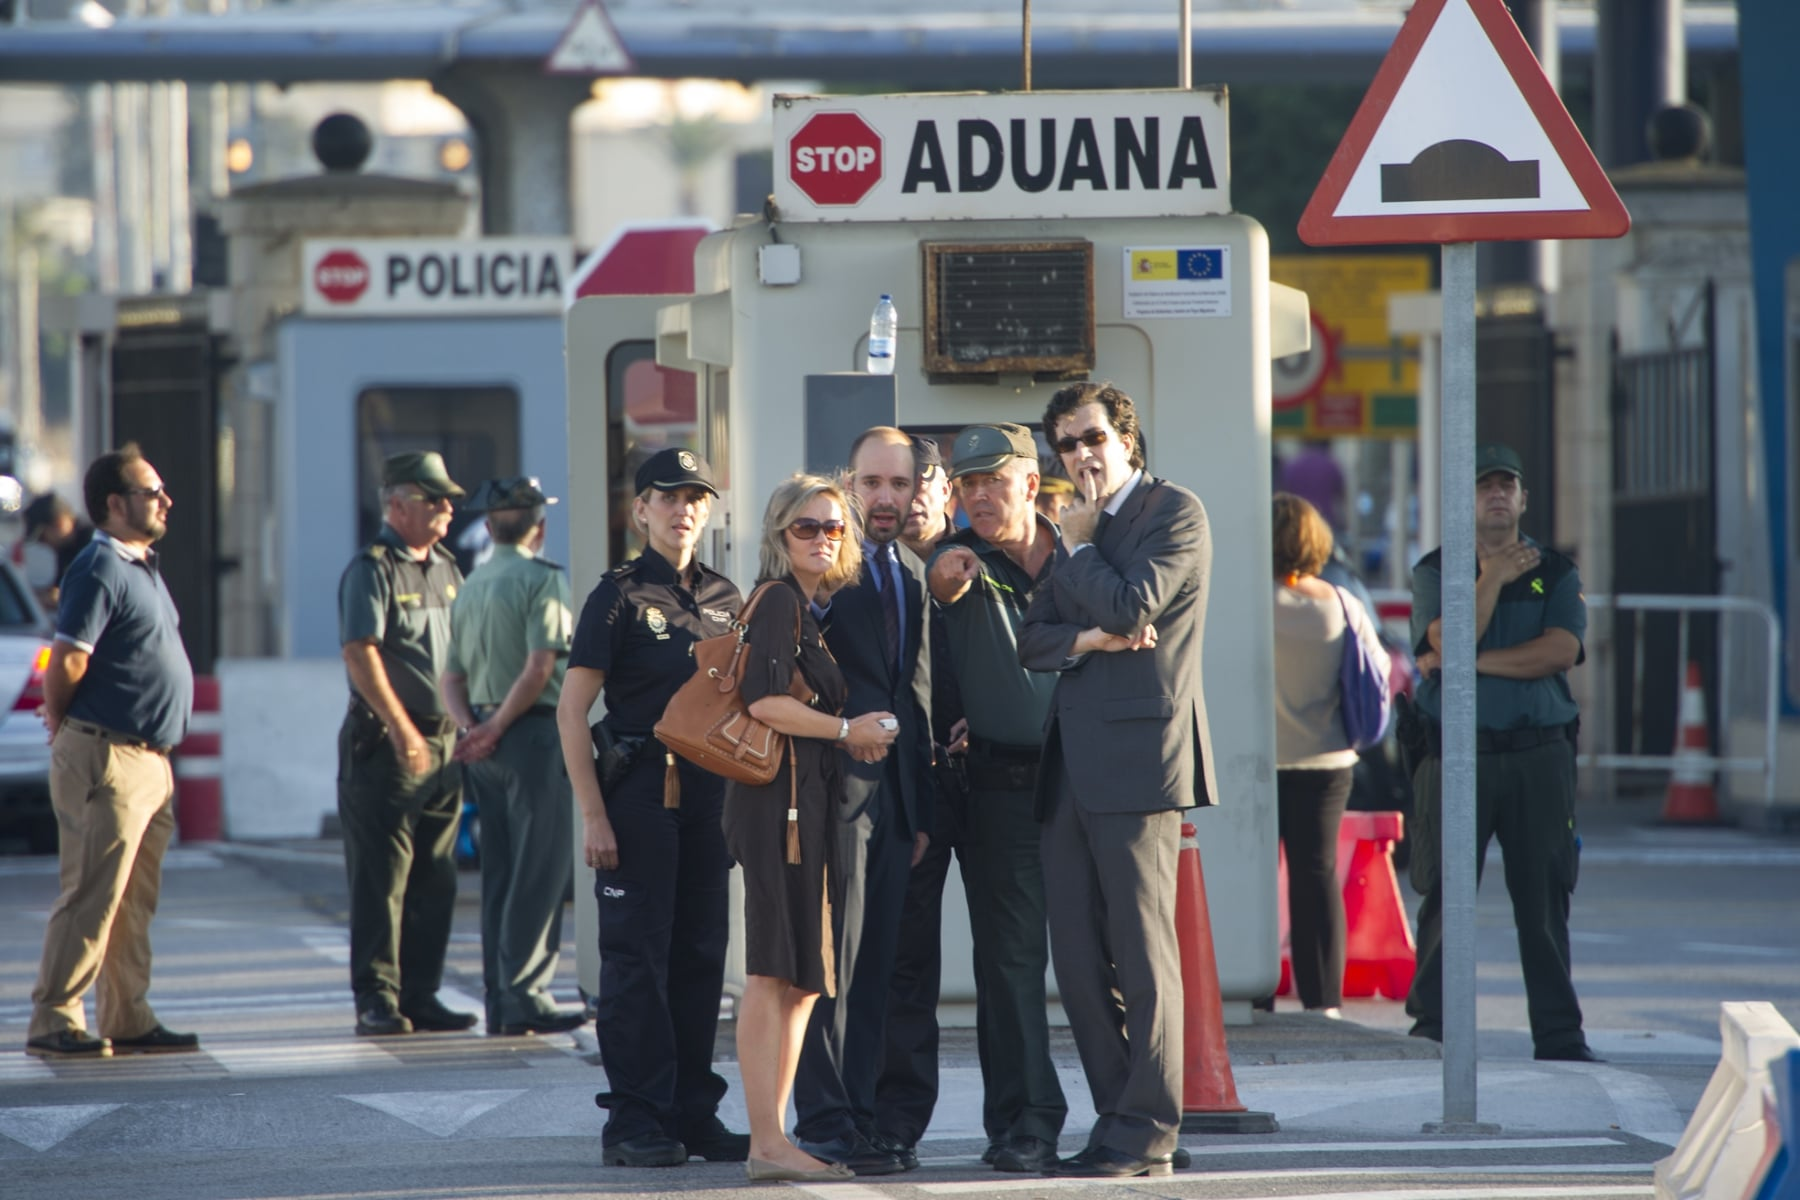 La Línea de la Concepción, 25 septiembre 2013. La Comisión Europea observando los controles que la Guardia Civil hace a la entrada de Gibraltar, el Capitán Vilchez de la Guardia Civil explica el proceso. MARCOS MORENO